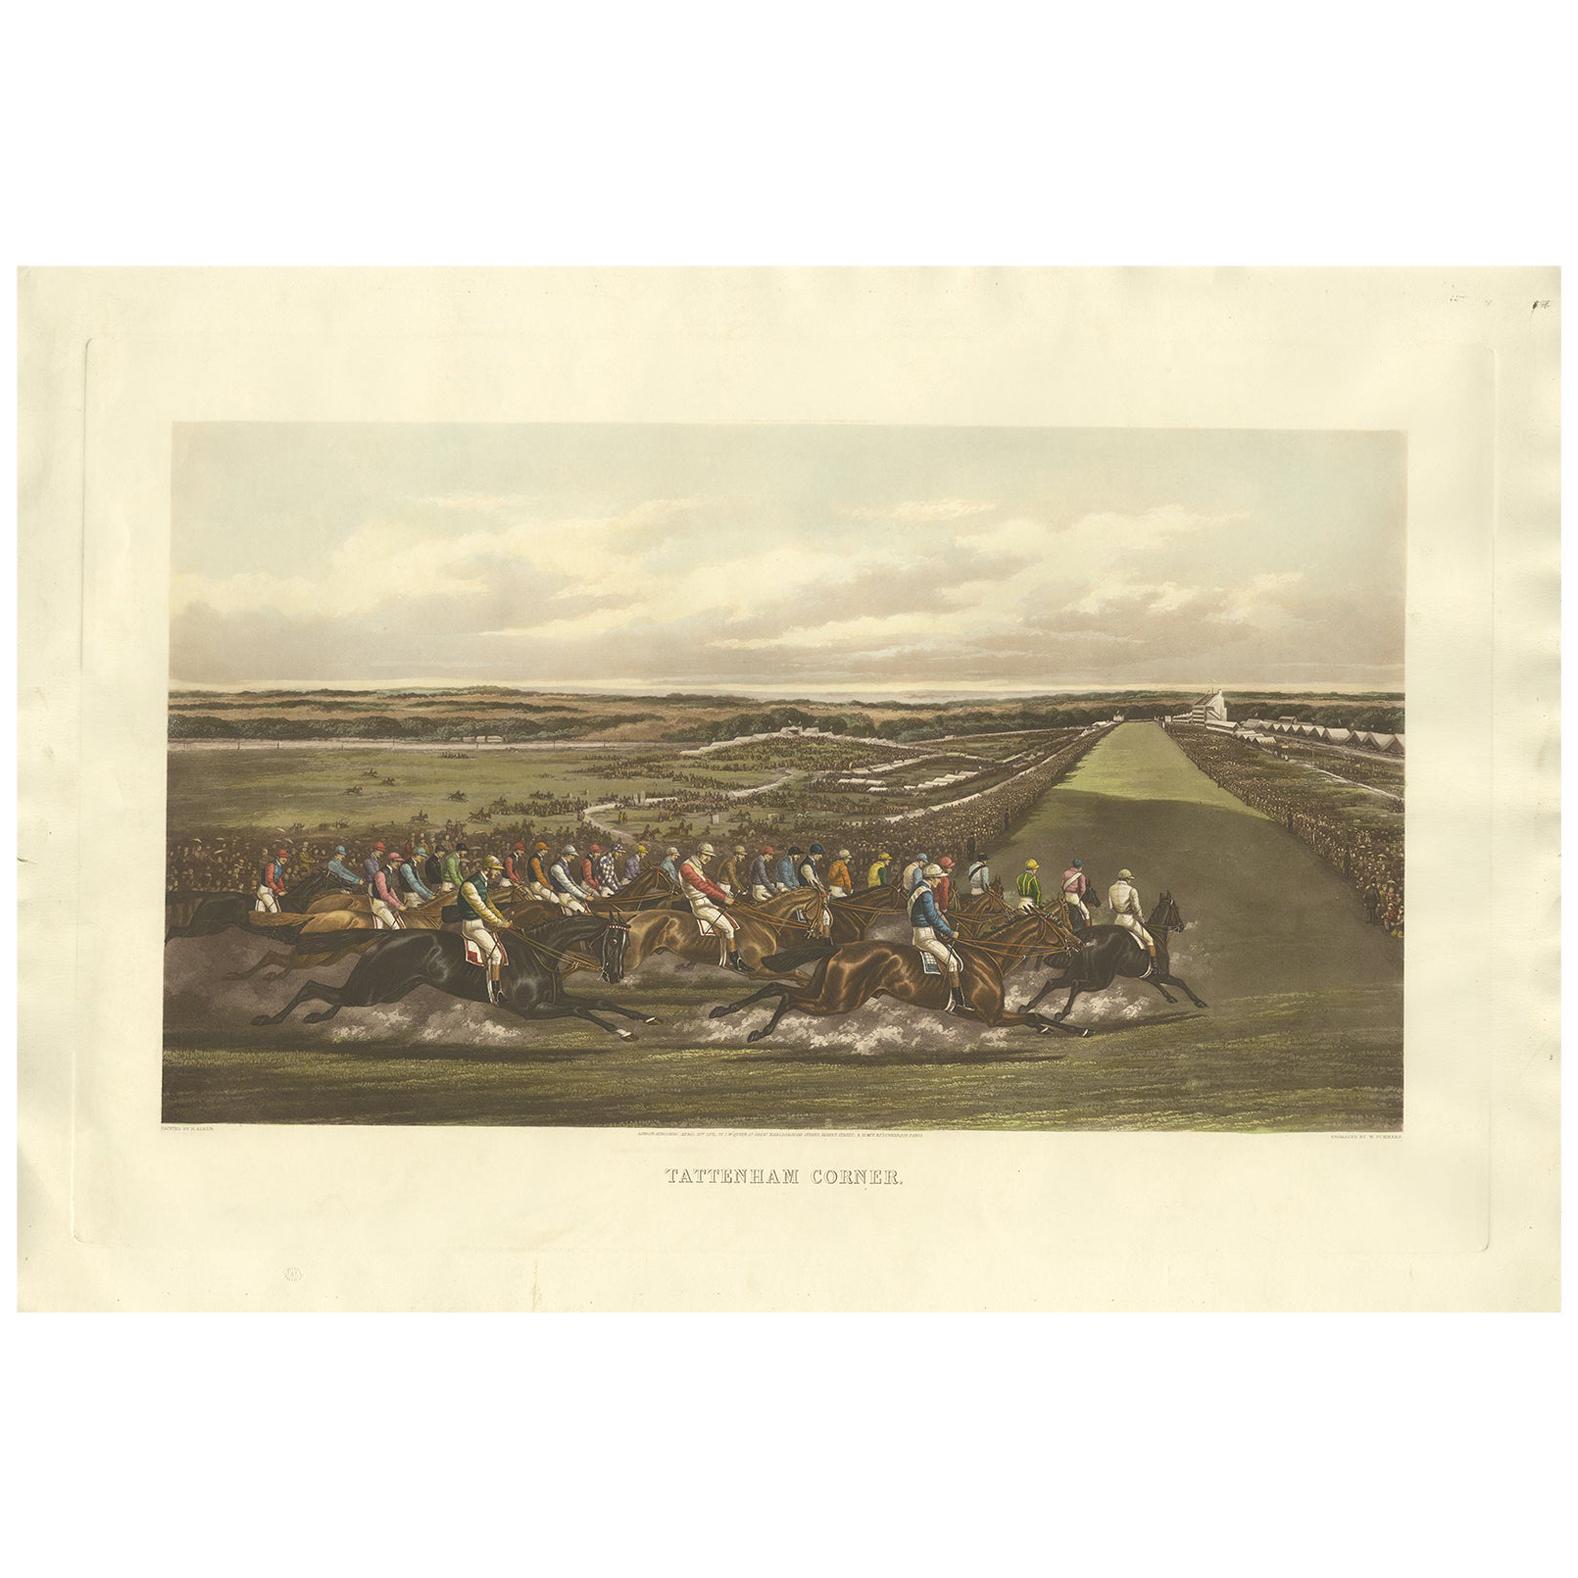 Antique Horse Racing Print 'Tattenham Corner' Made after H. Alken, circa 1900